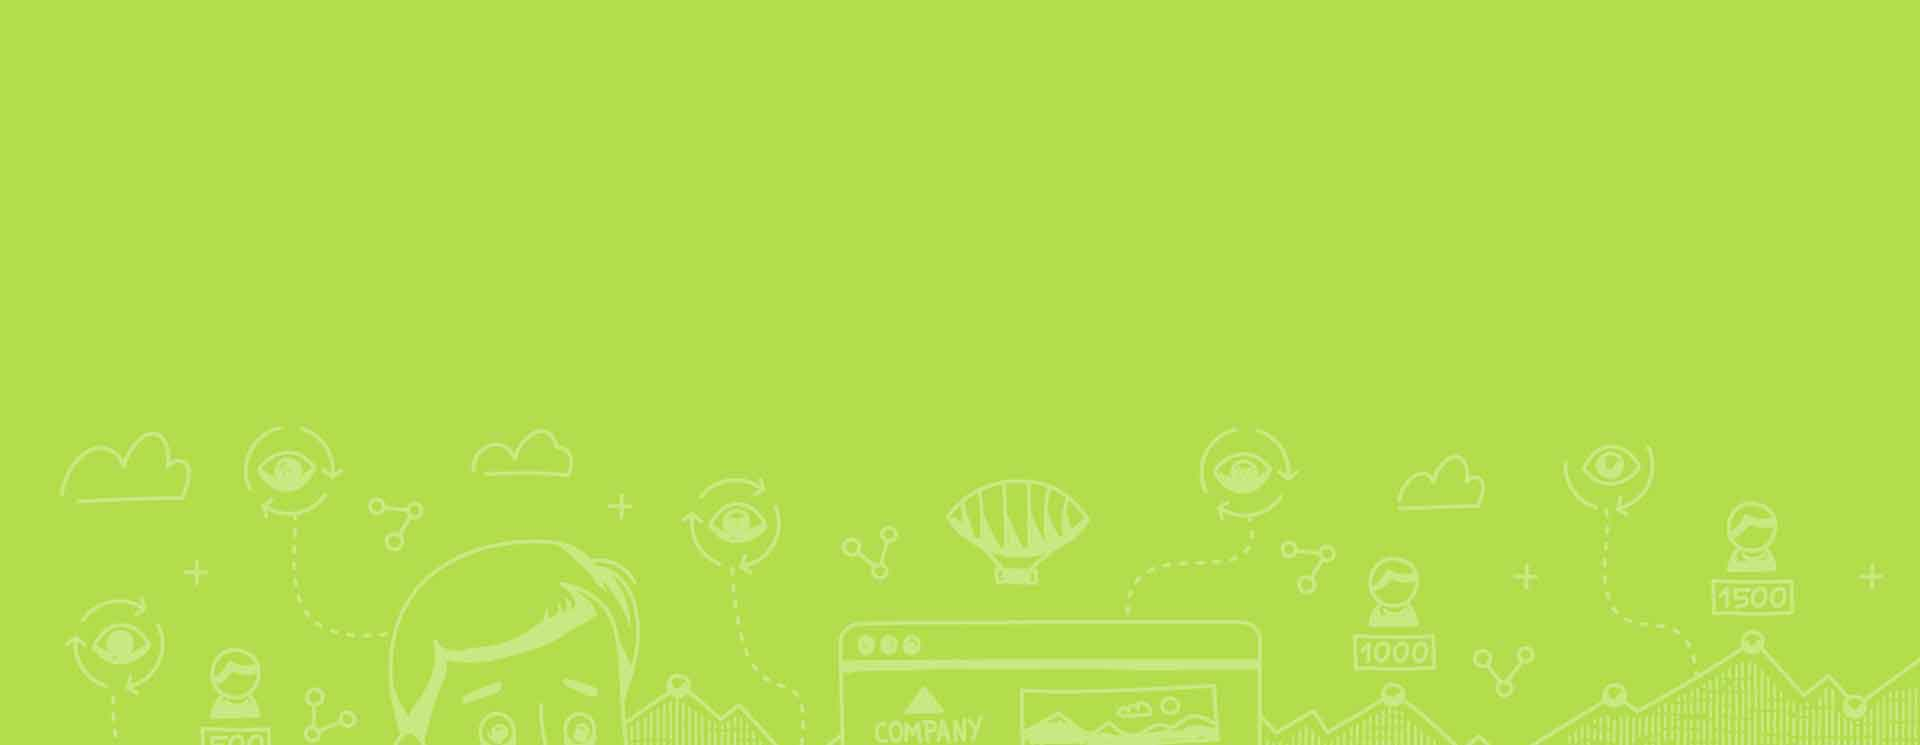 seo-slide-background-image-mobile